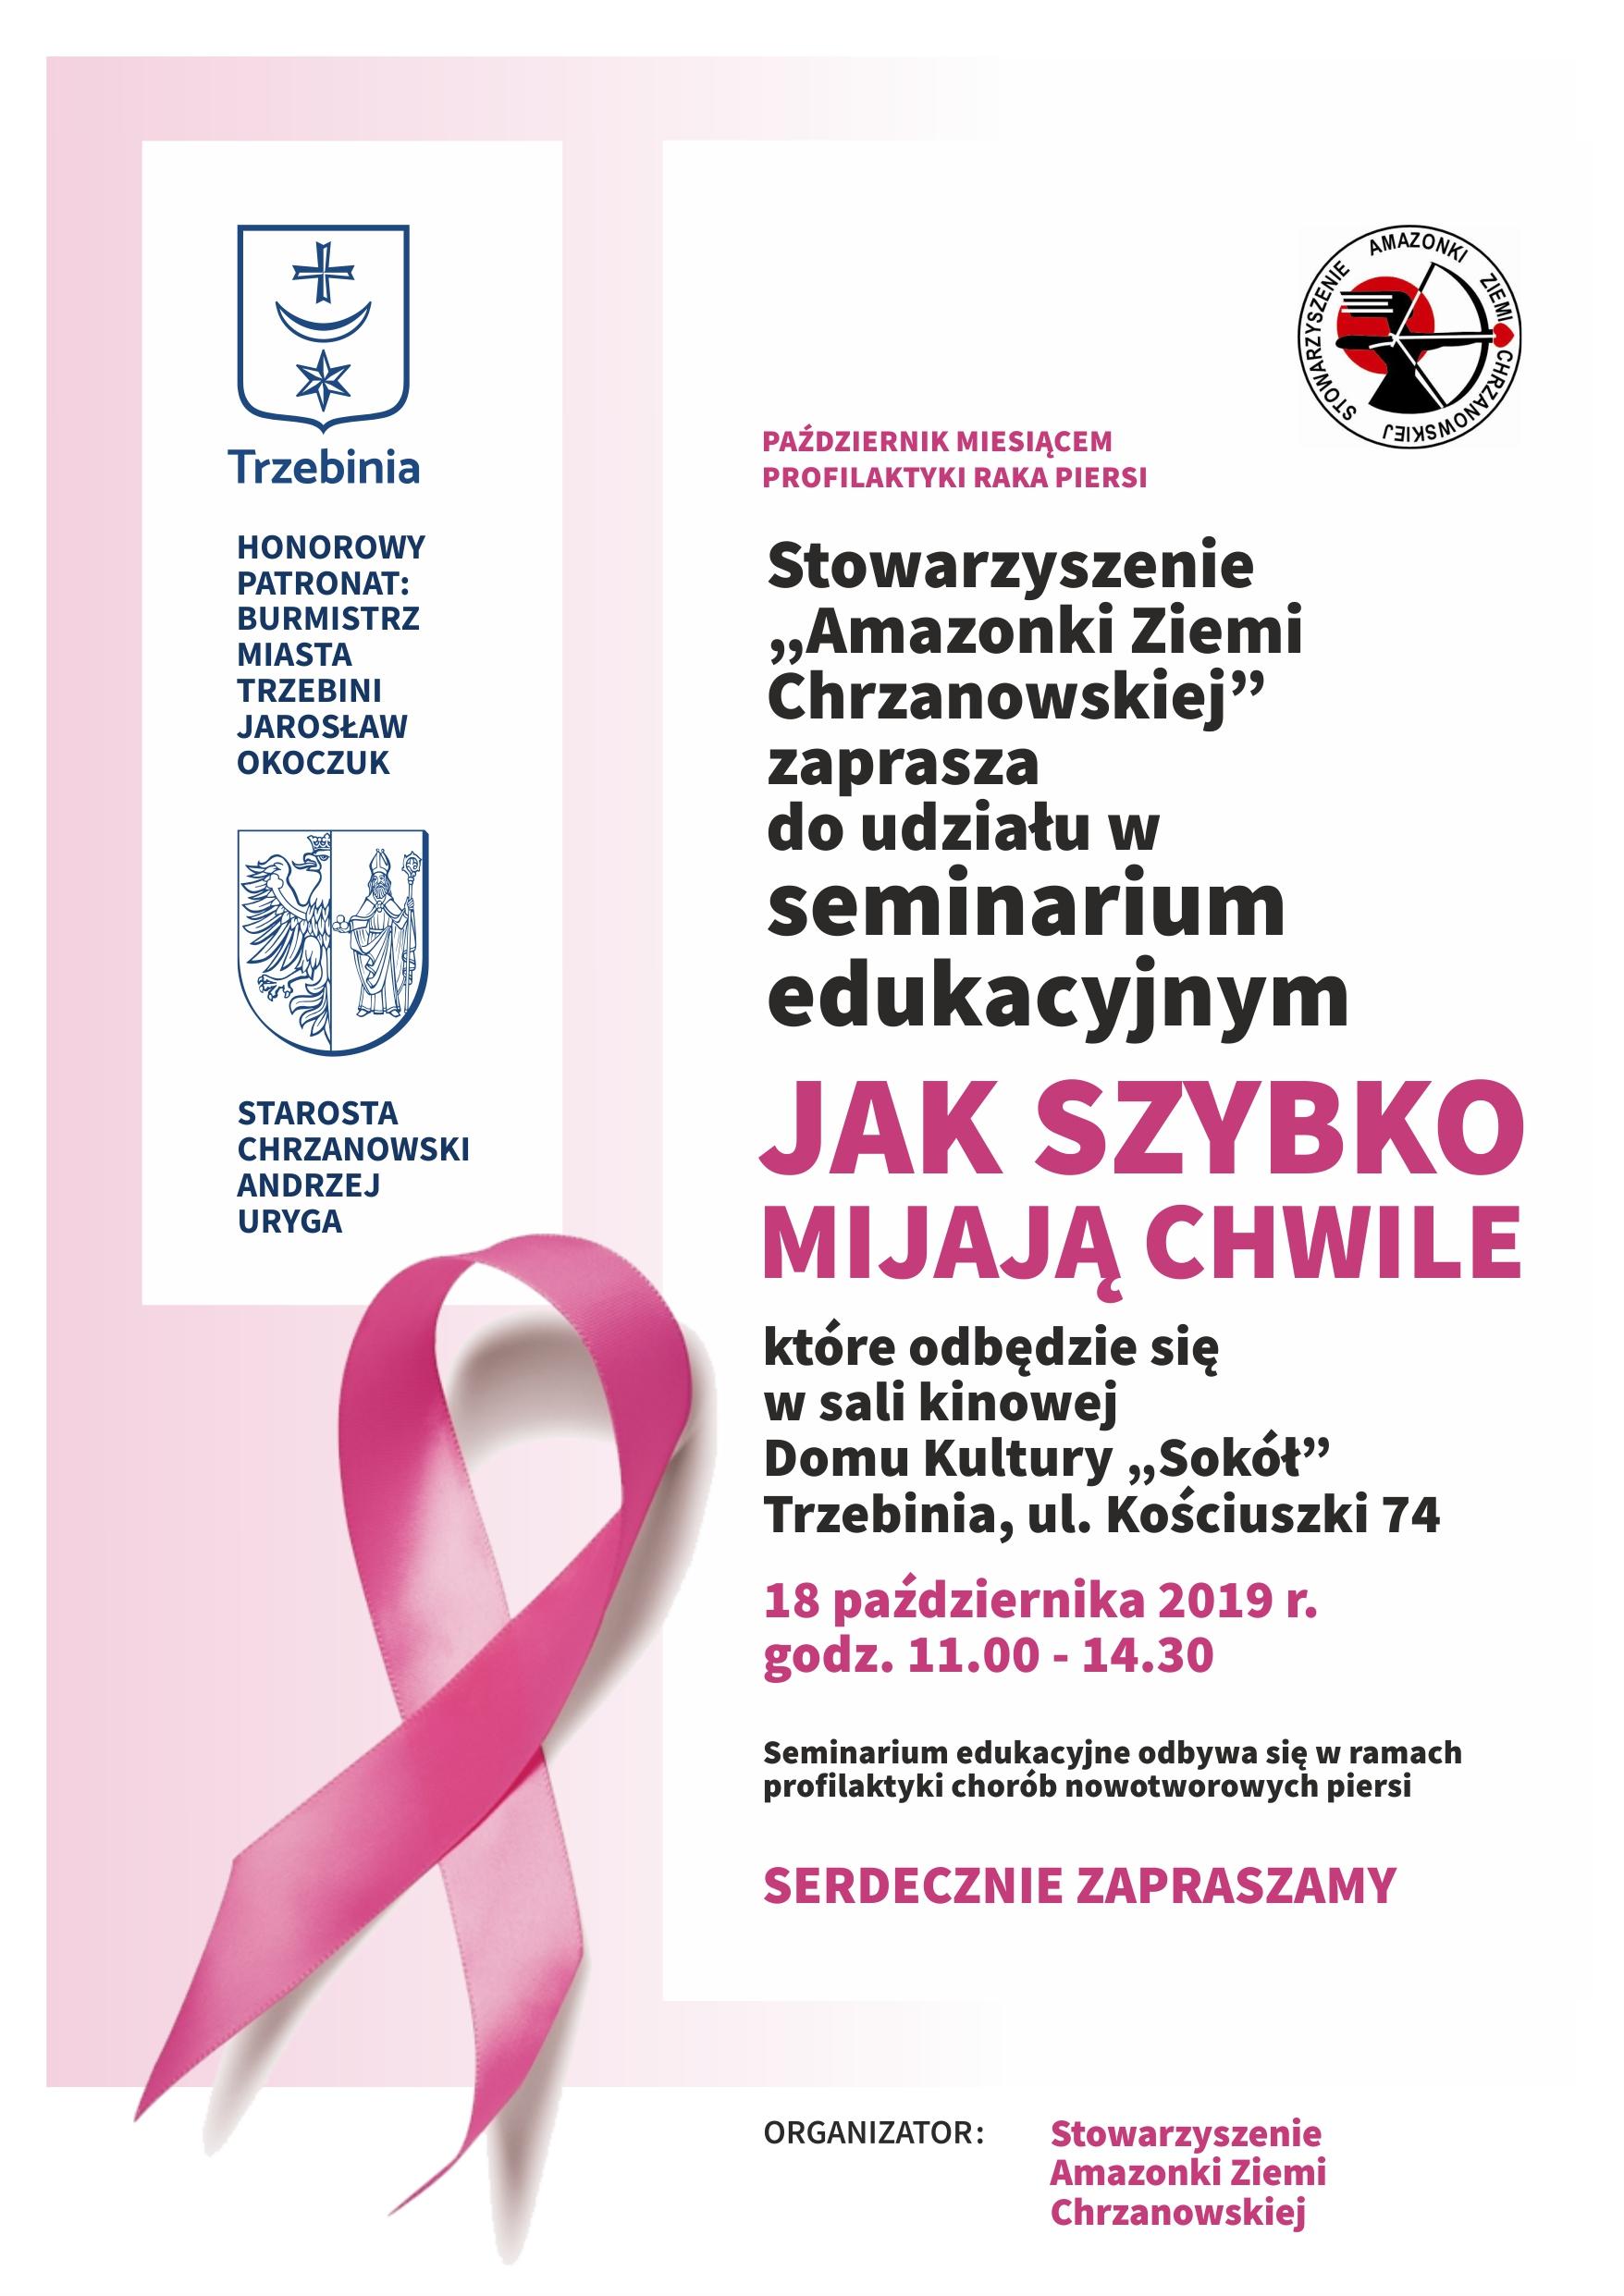 plakat spotkania z Amazonkami